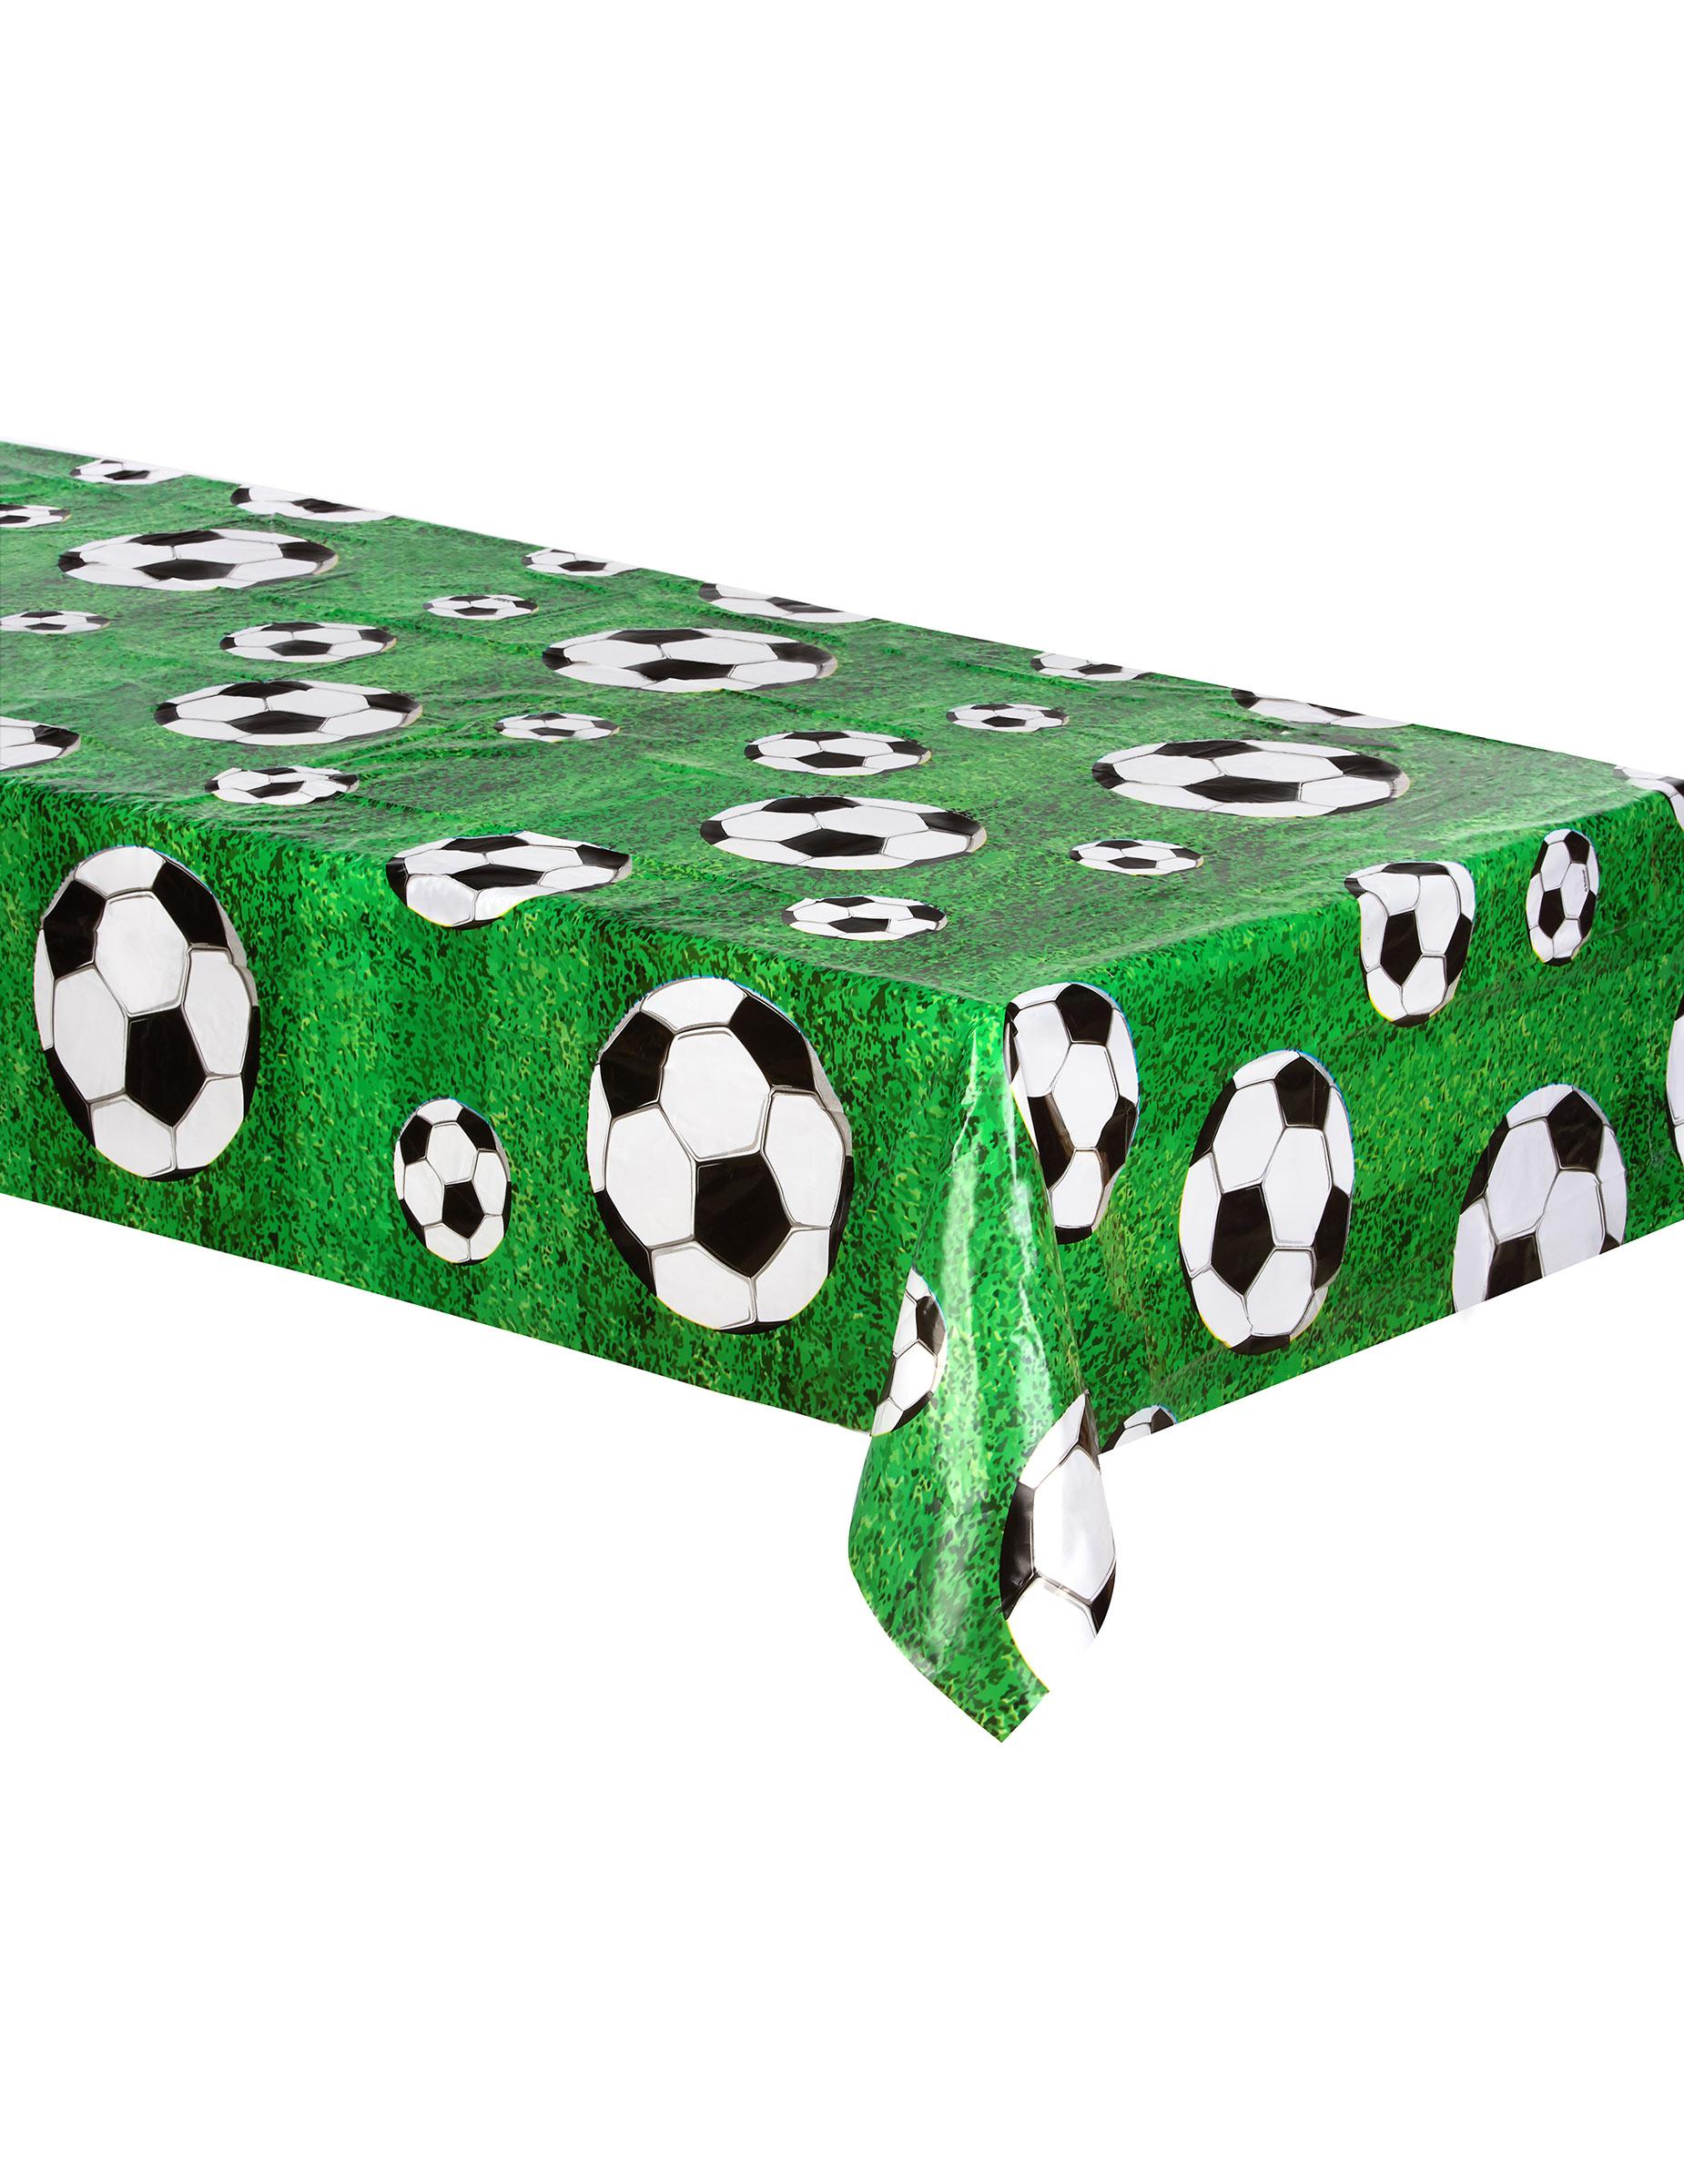 tovaglia di plastica verde party foot 120 x 180 cm addobbi e vestiti di carnevale online vegaoo. Black Bedroom Furniture Sets. Home Design Ideas